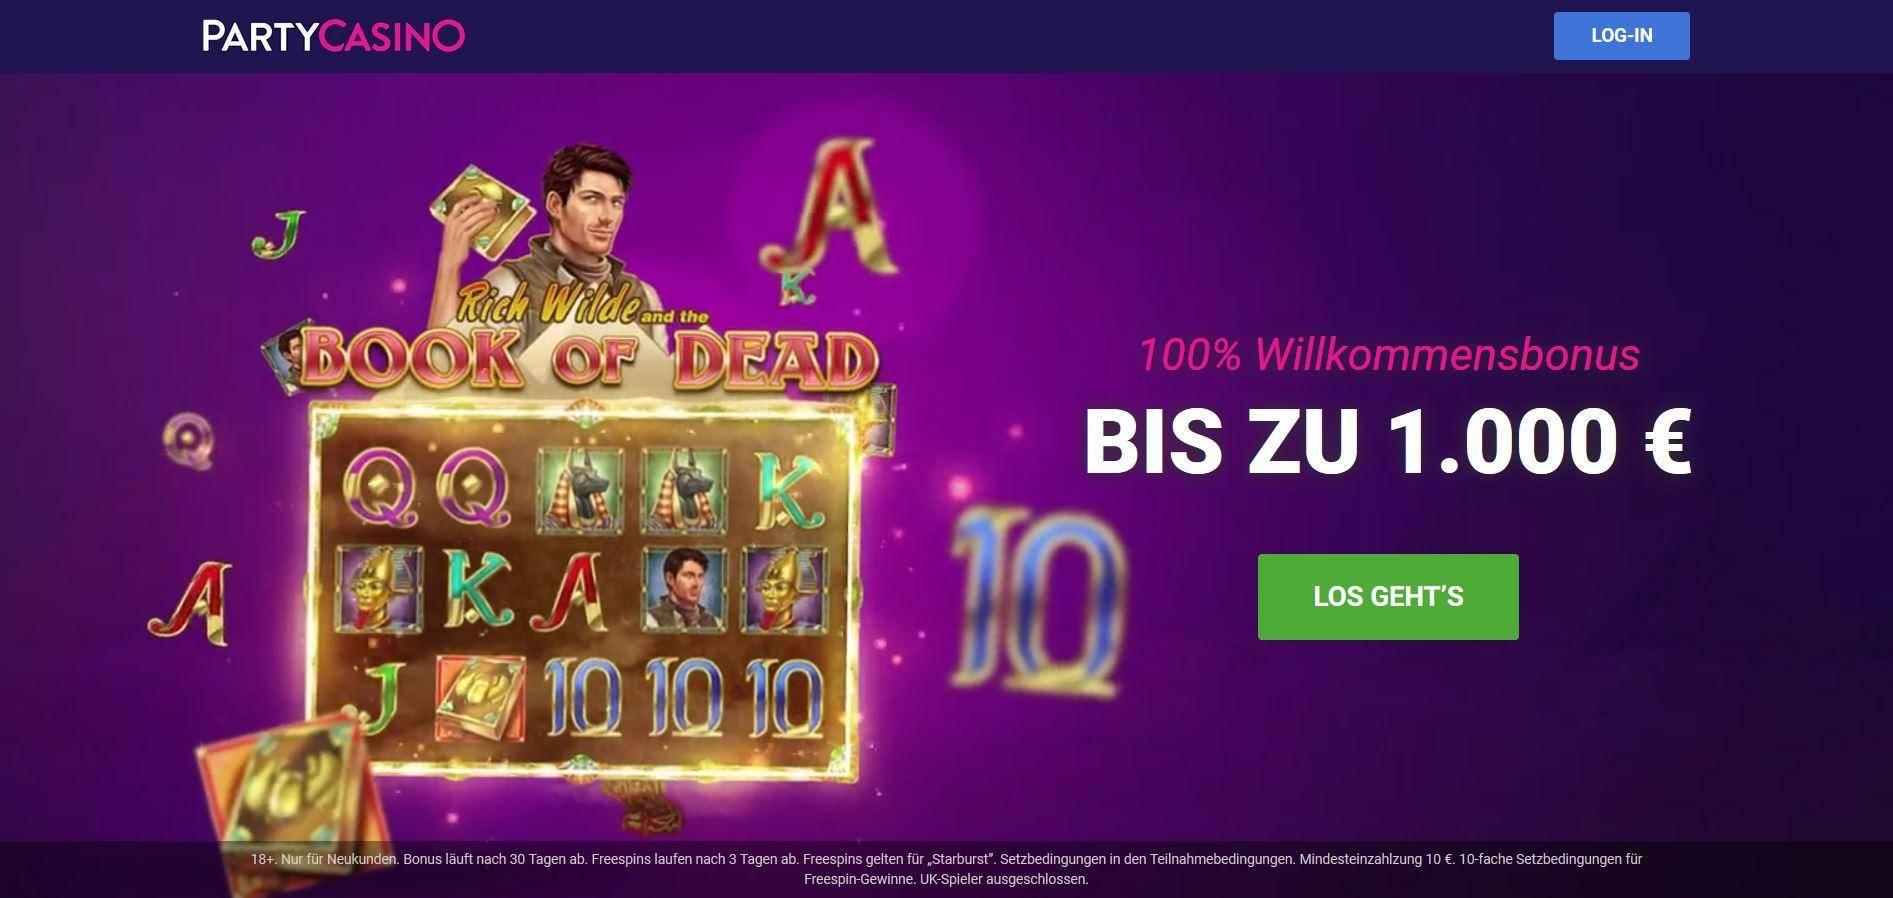 Бонус бонус за добре дошли в казиното